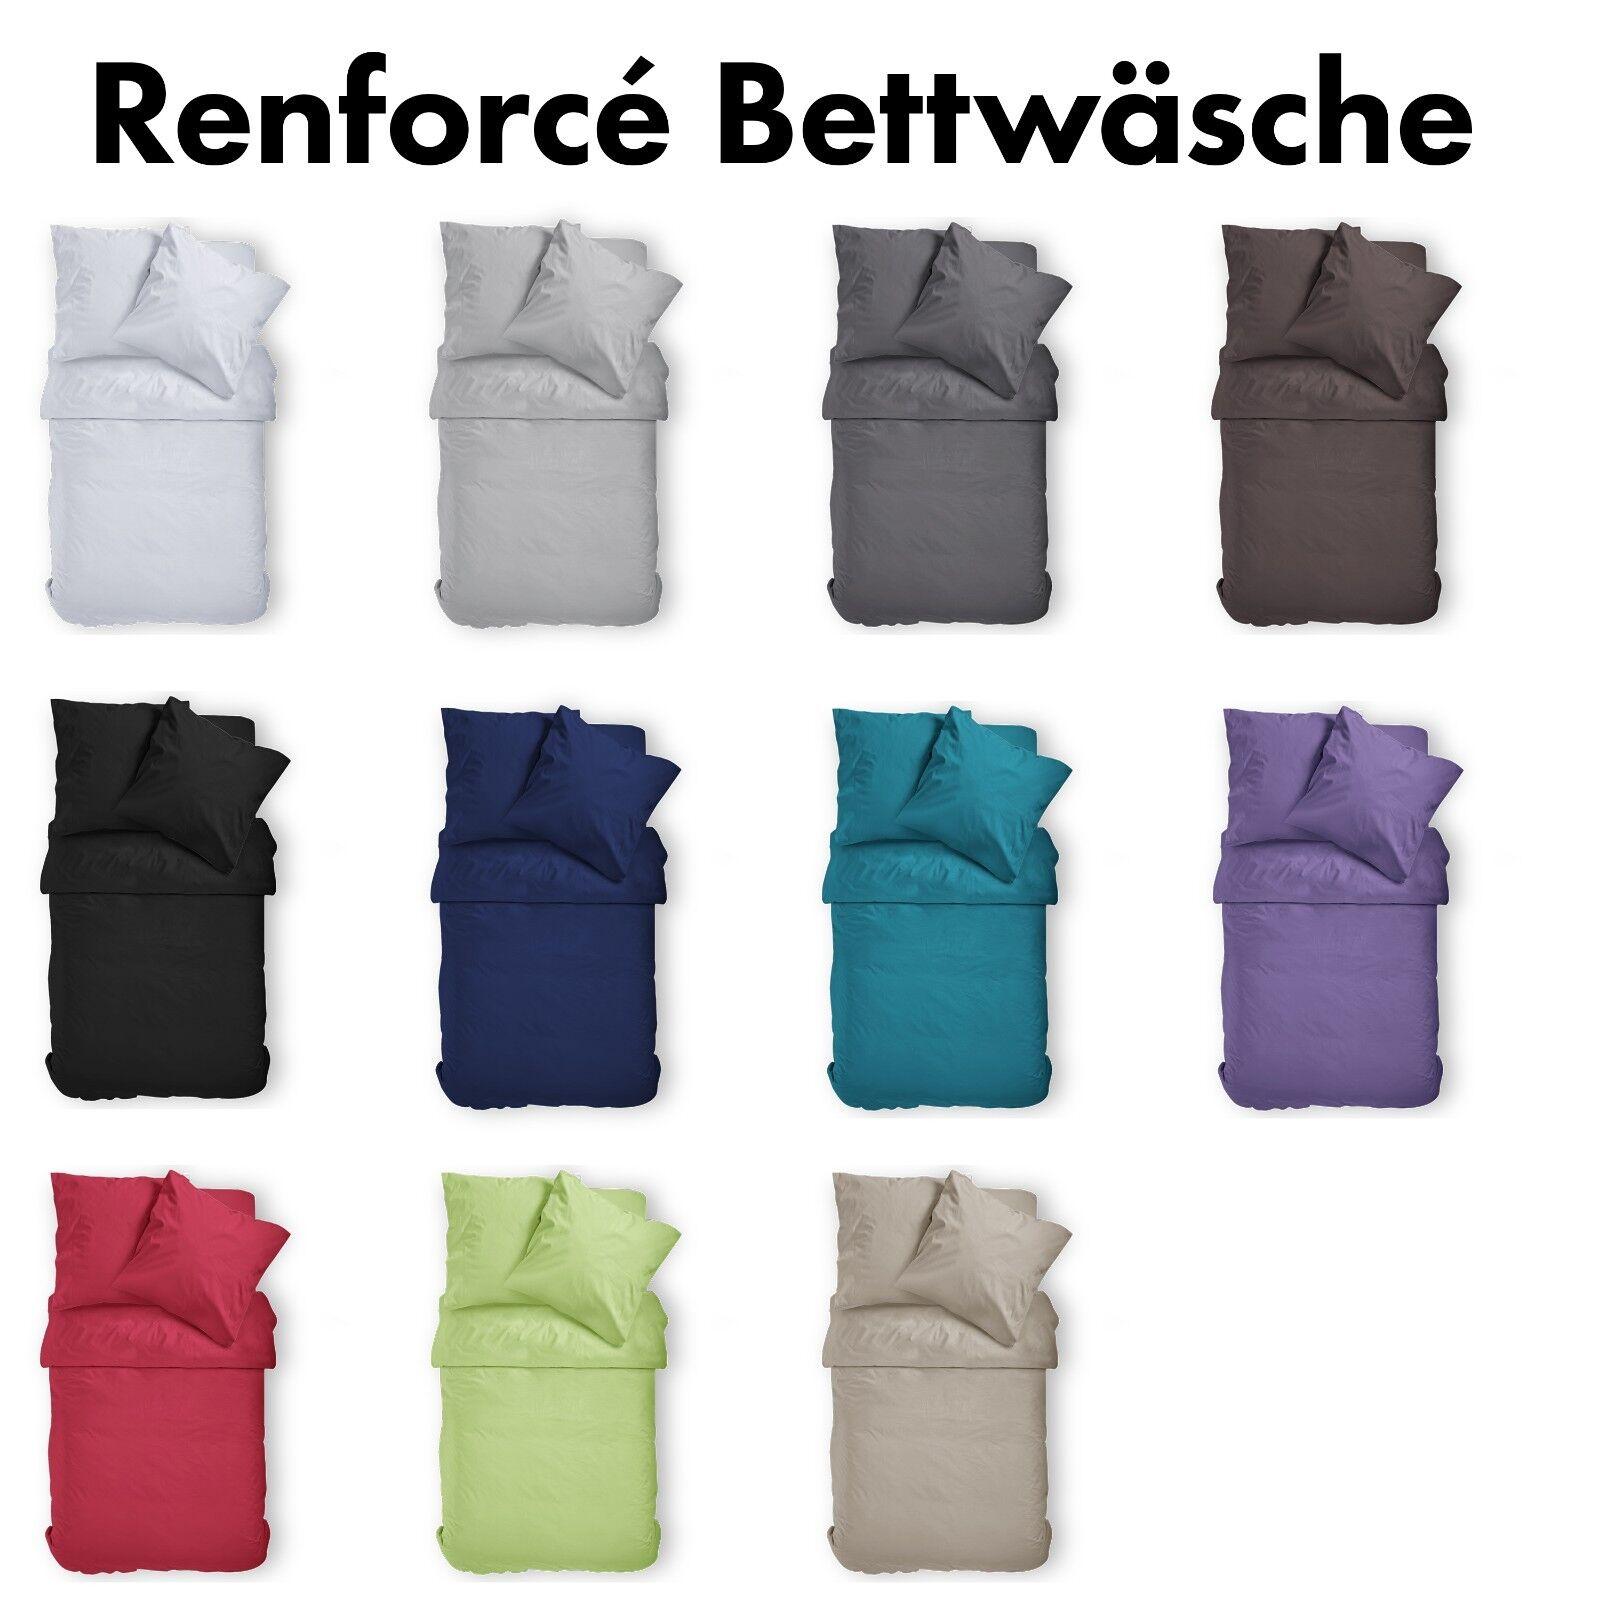 Renforcé Uni Bettwäsche aus 100% Baumwolle 11 Farben RESTPOSTEN mit Sonderpreis